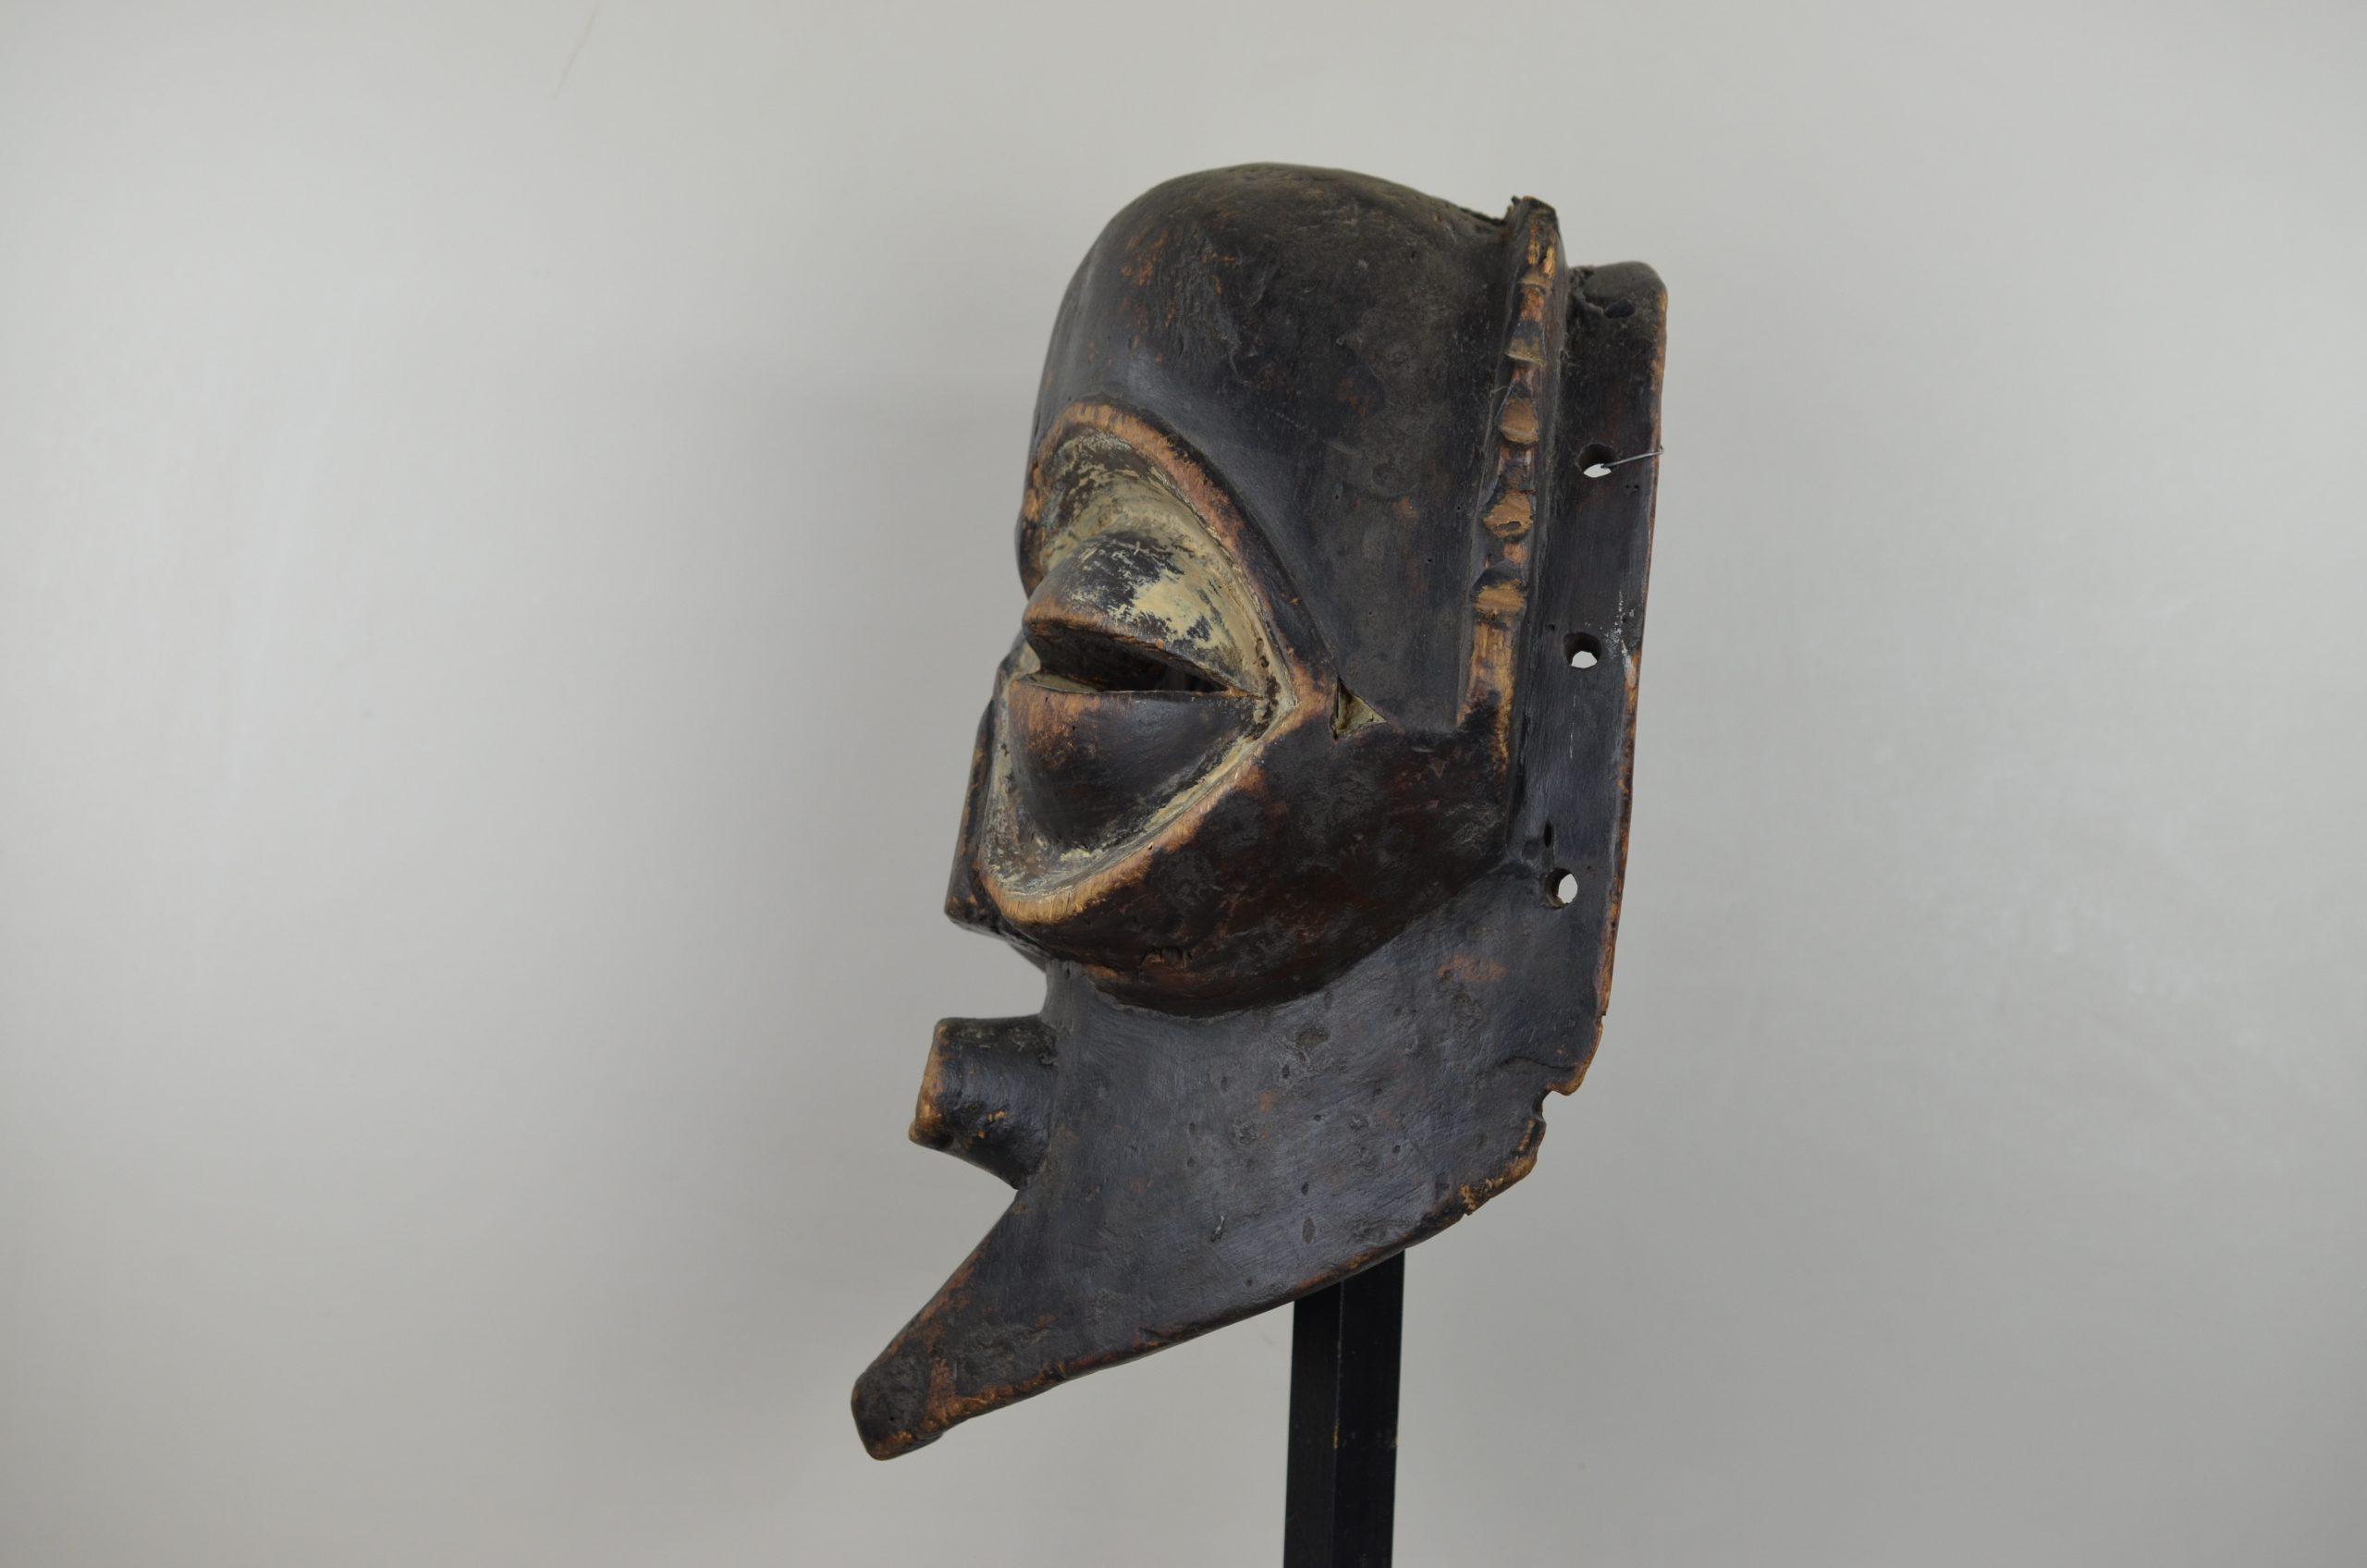 Mbagani masque 4